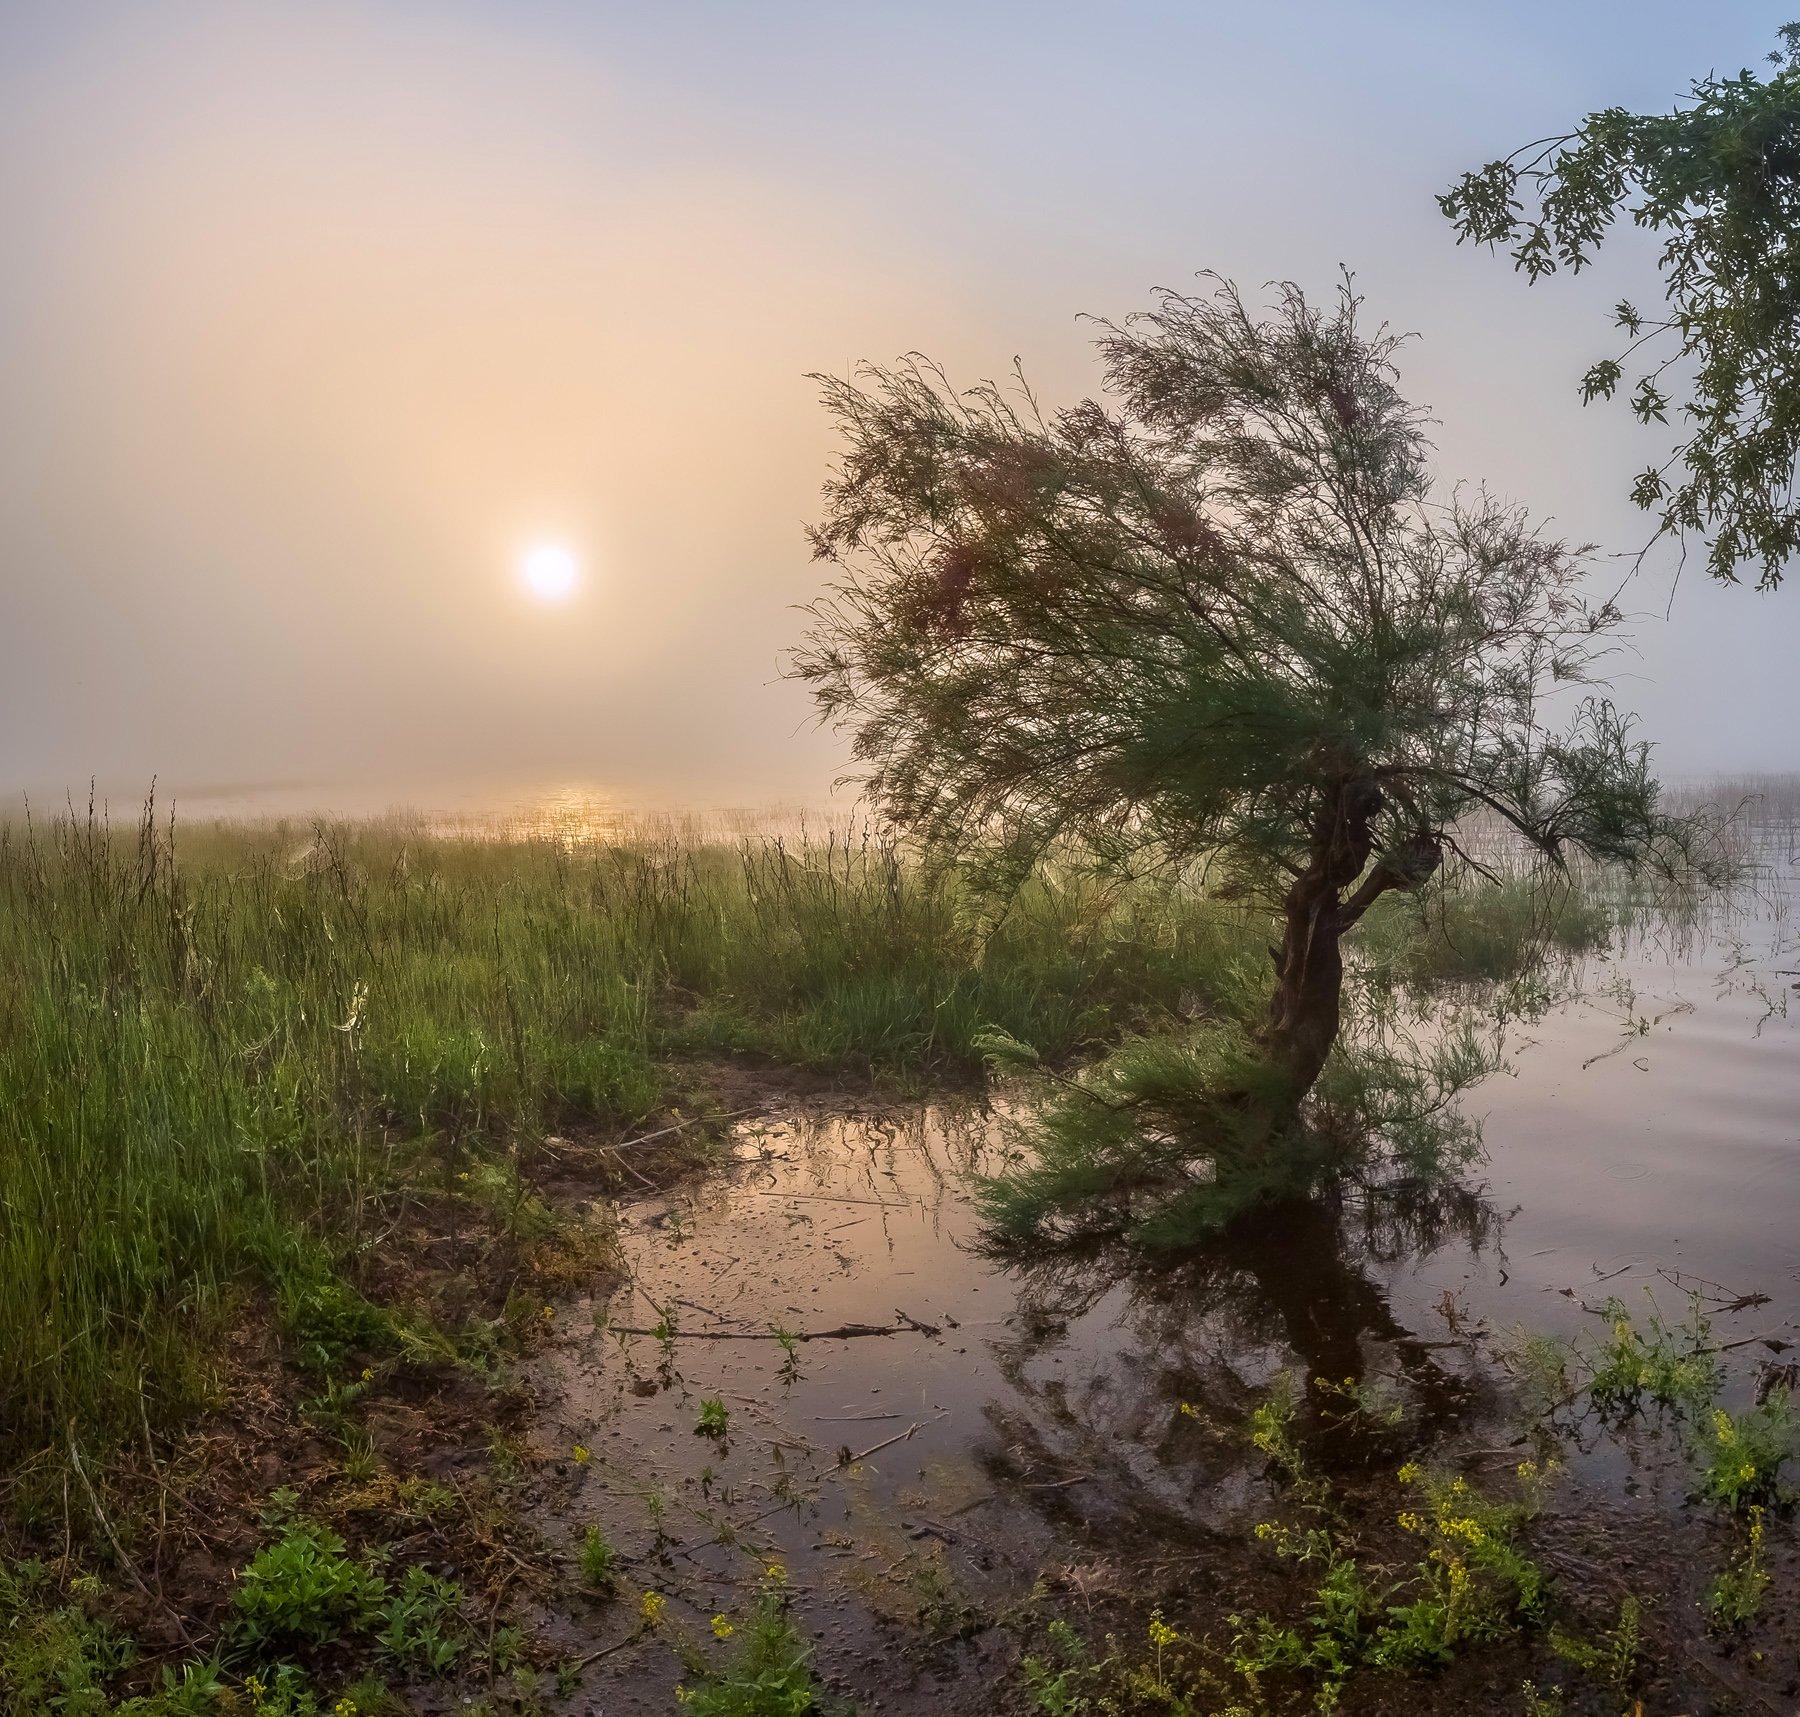 весна, половодье, астраханская область, волга, река, рассвет, дерево, поволжье, вода, туман, тамарикс, солнце, Лашков Фёдор